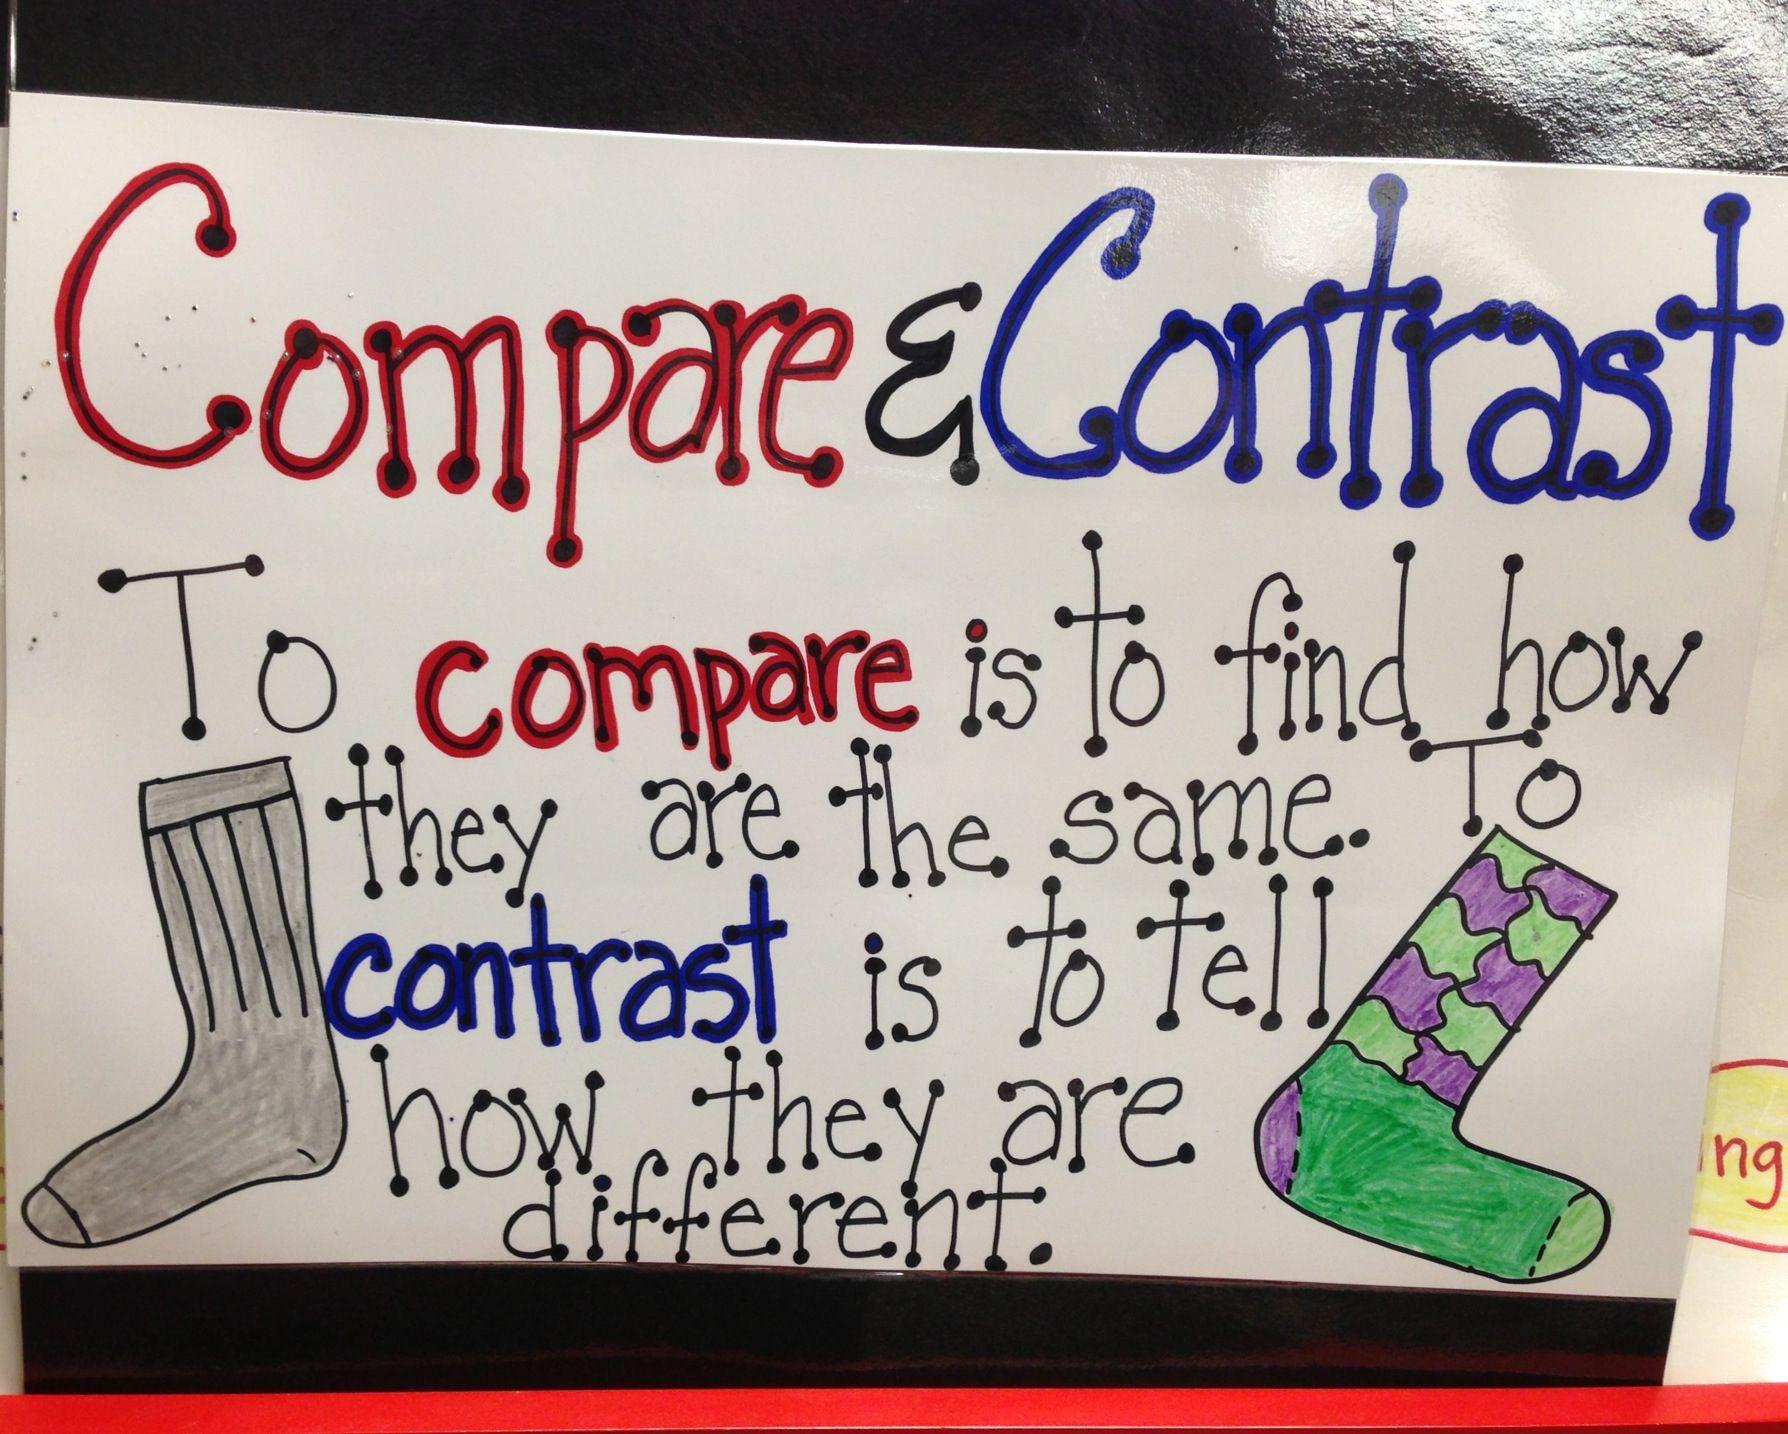 001 Compare & contrast School Posters & more Compare